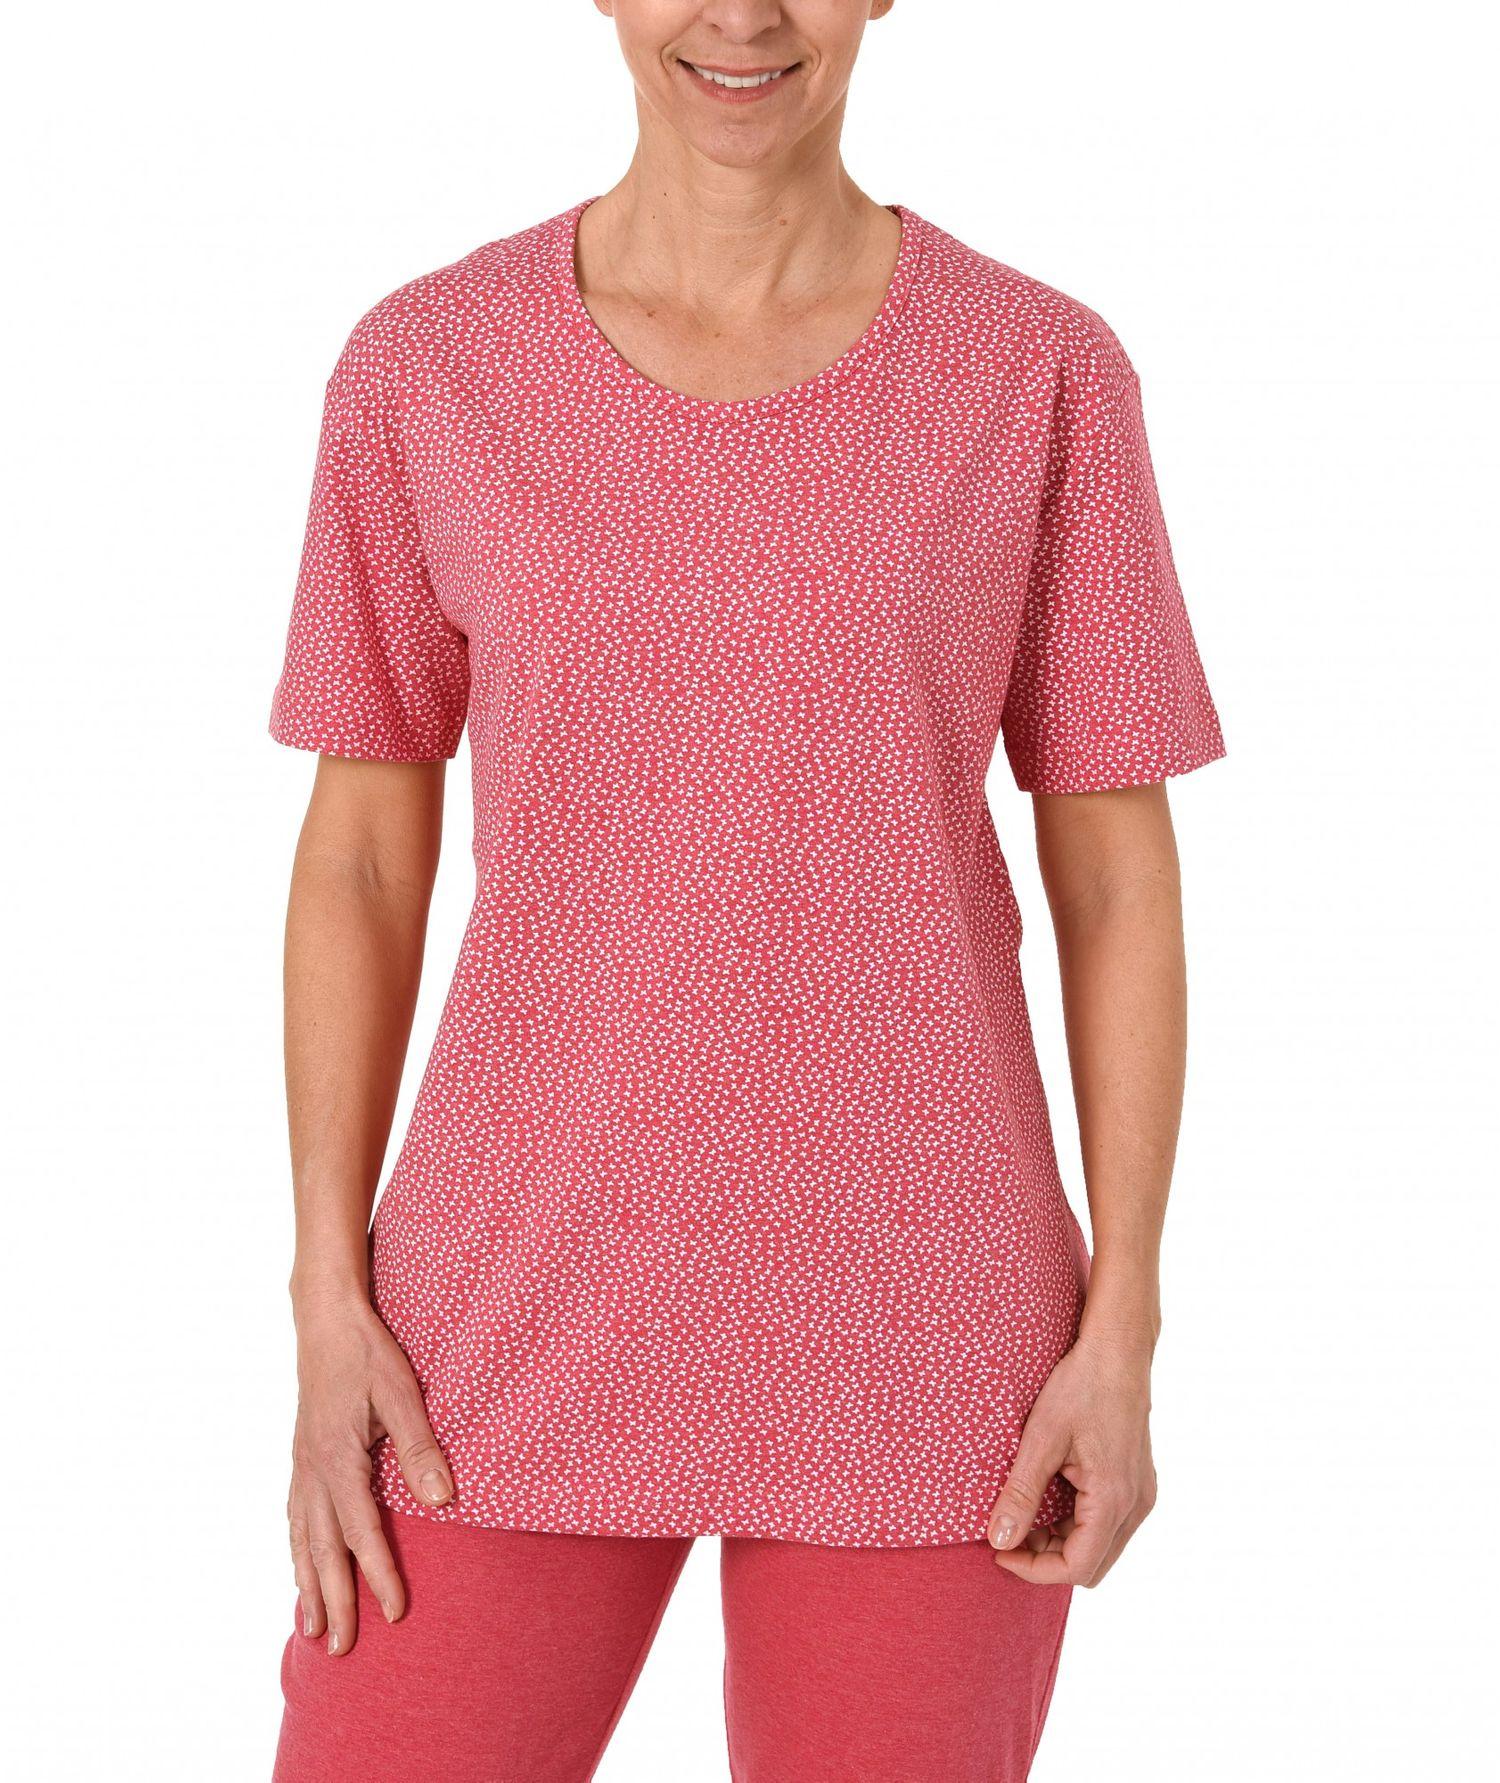 Damen Shirt  Oberteil - kurzarm Mix & Match Minimalprint – 171 220 90 904 – Bild 1